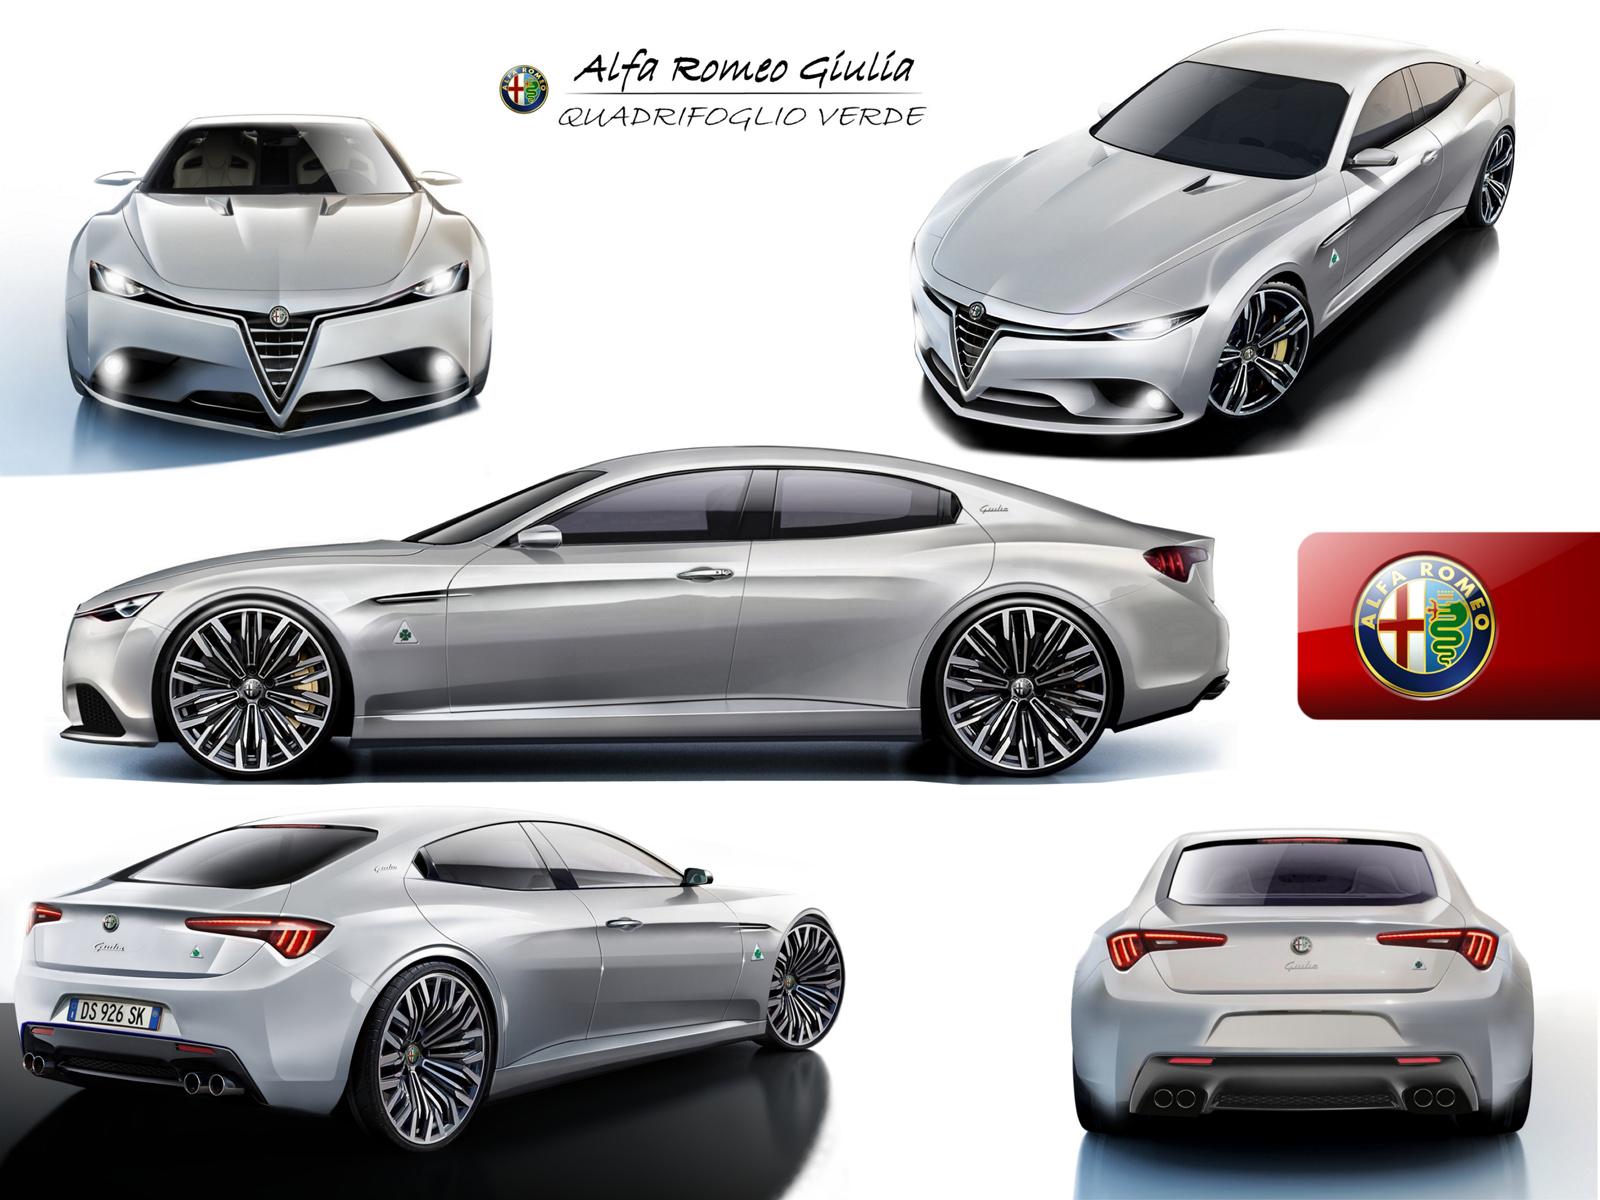 Alfa News 2015 2015 Alfa Romeo Giulia